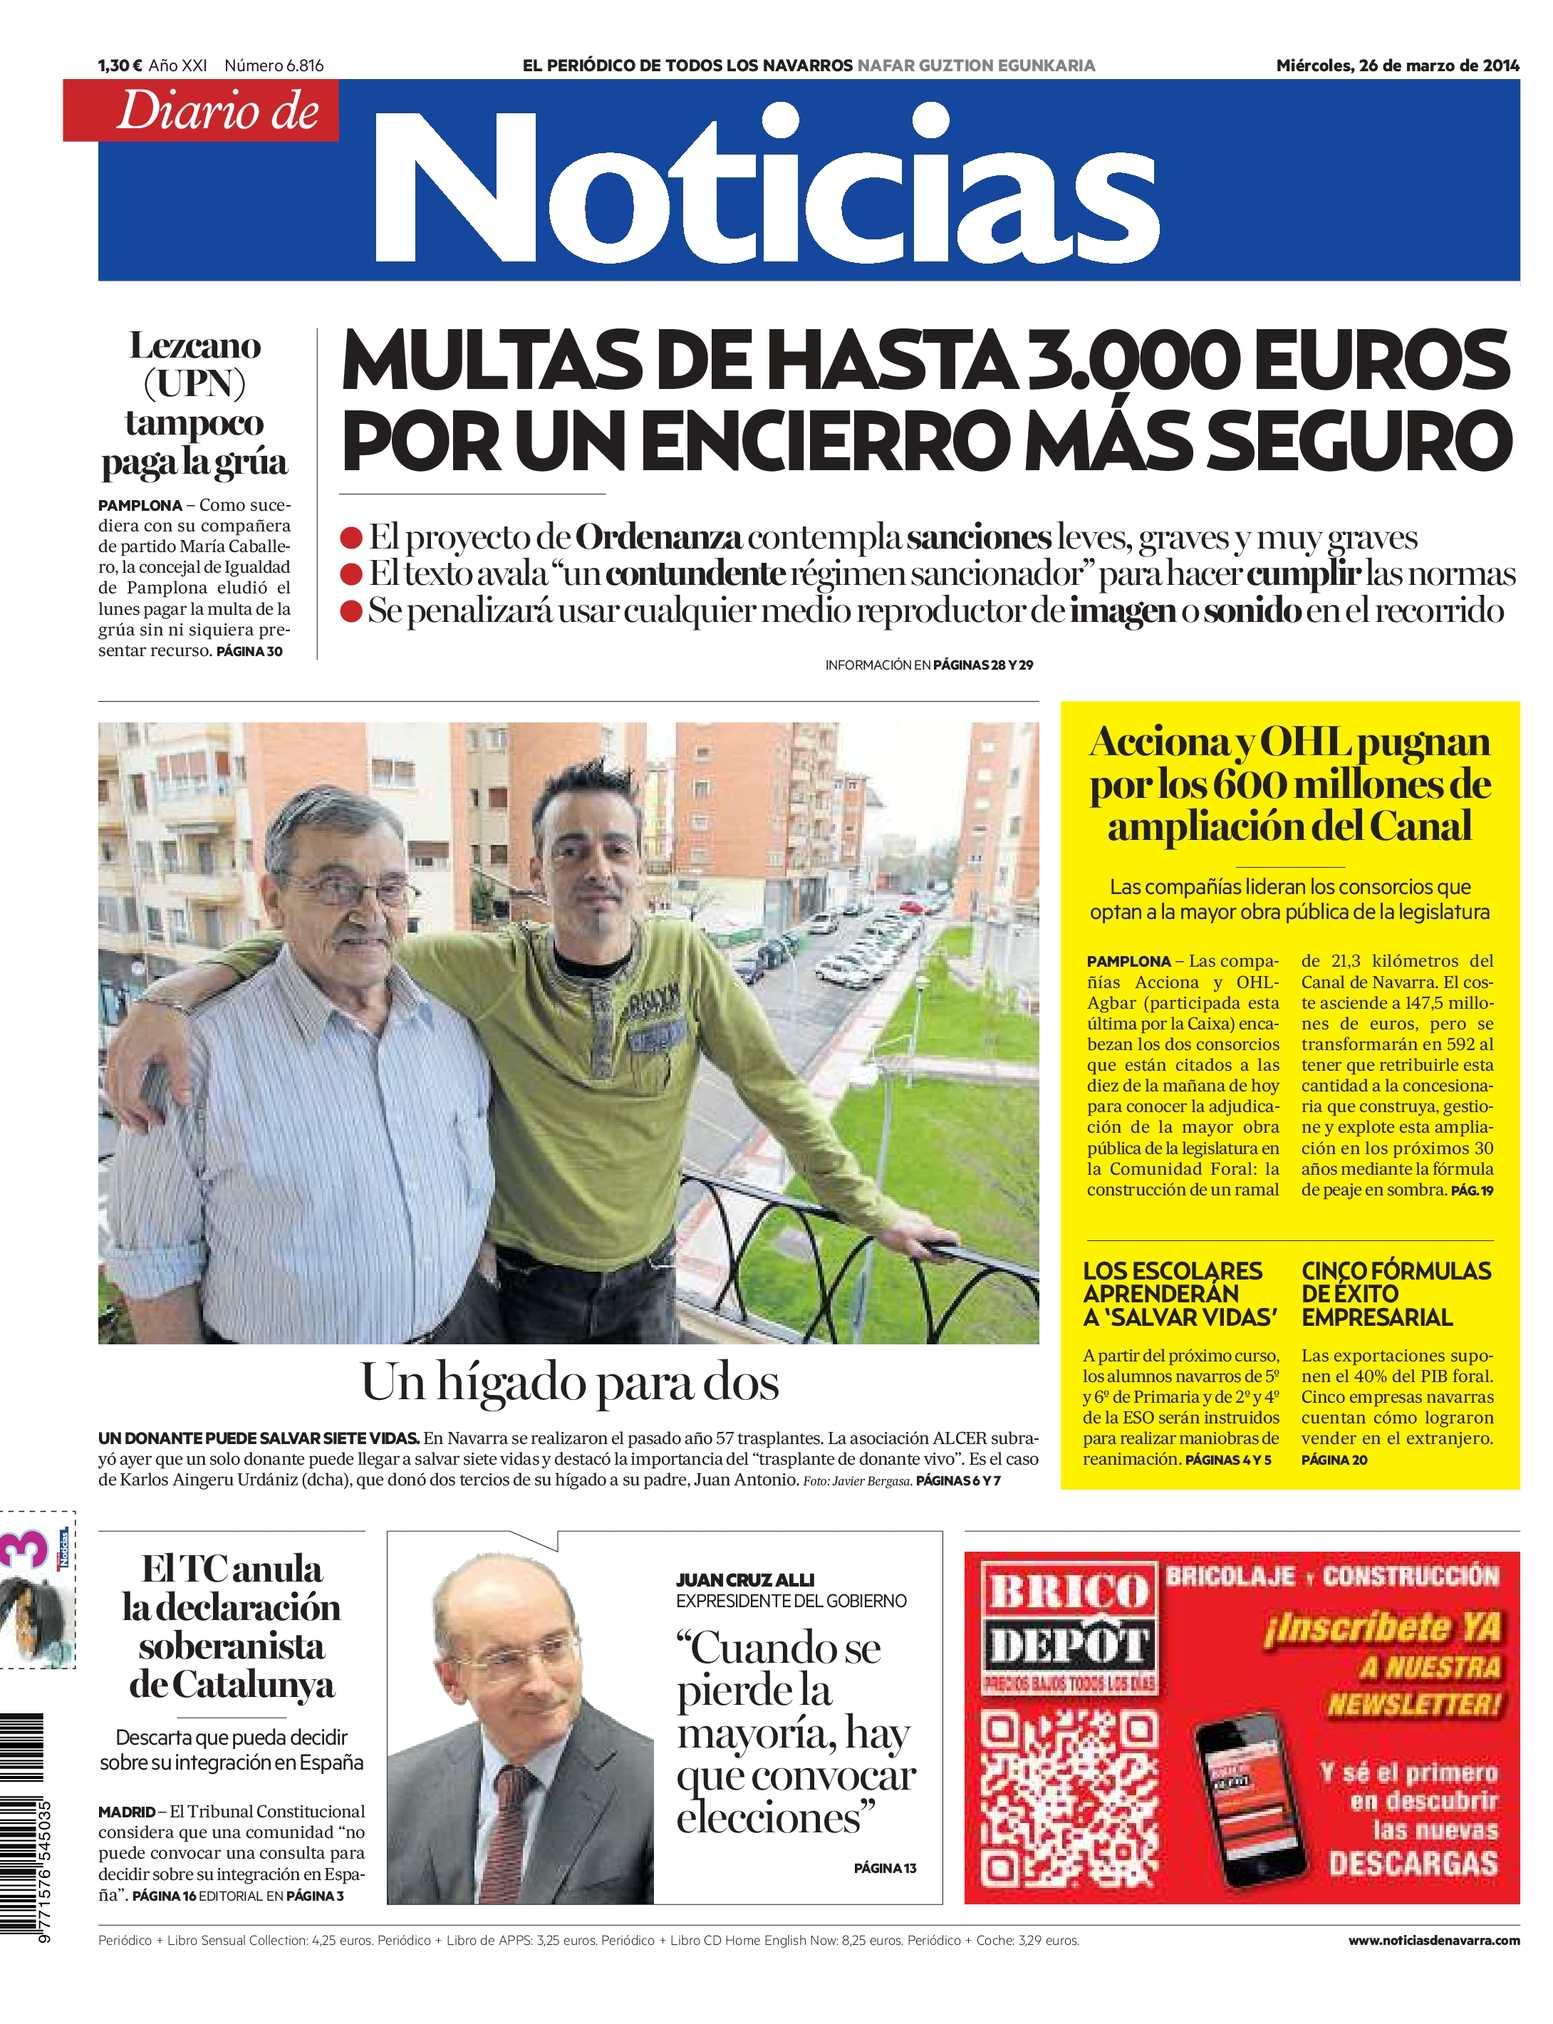 e47b1f8c97 Calaméo - Diario de Noticias 20140326